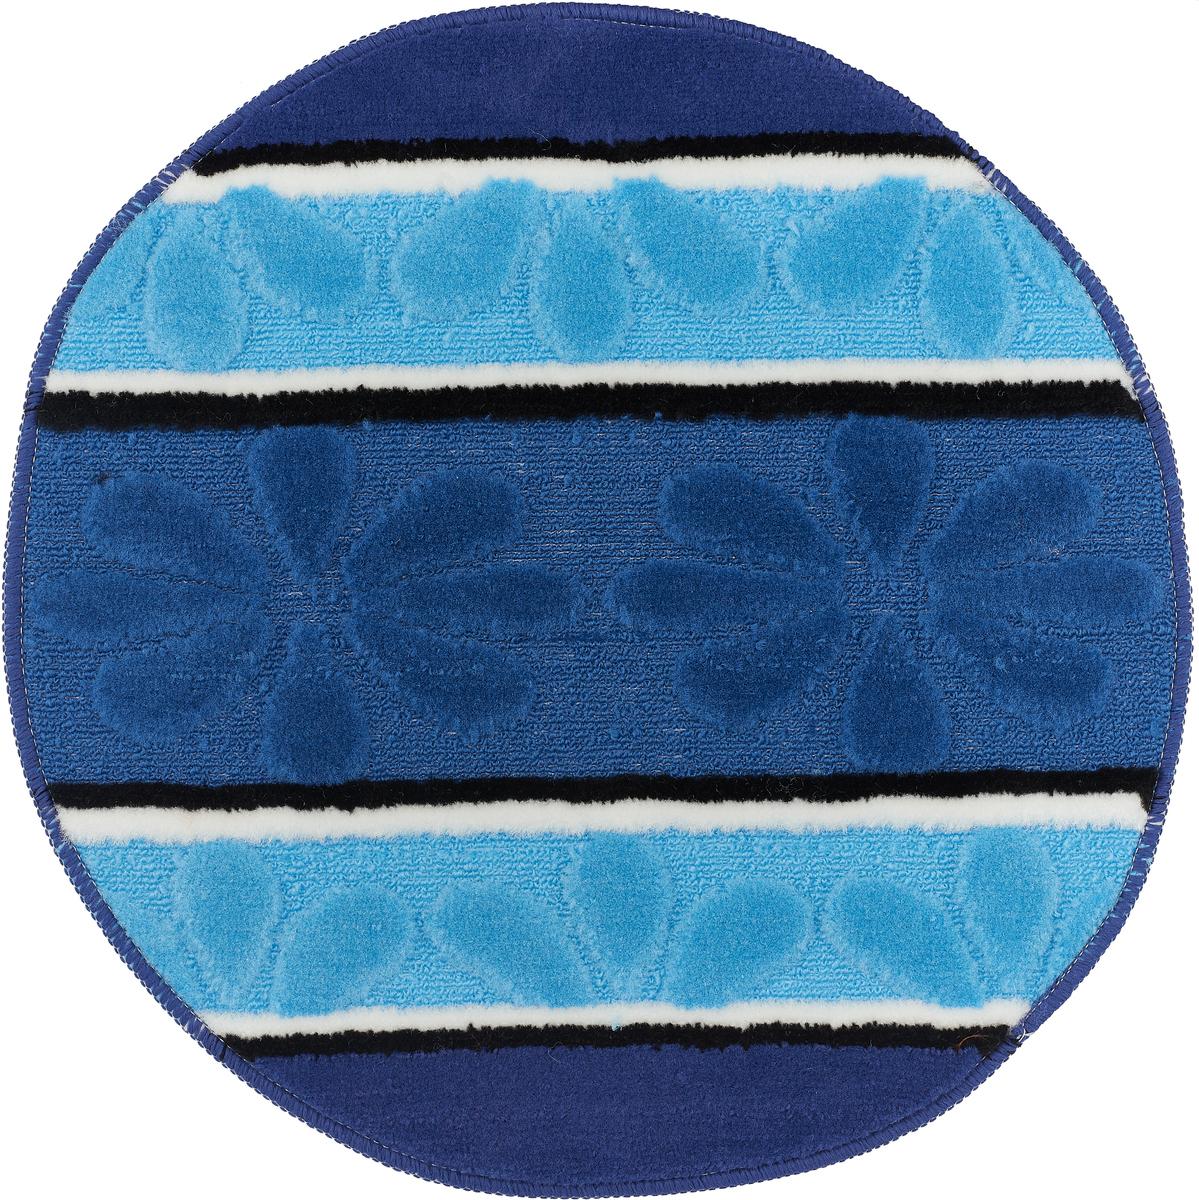 """Коврик для ванной комнаты Dasch """"Ромашка"""", цвет: синий, голубой, диаметр 55 см"""